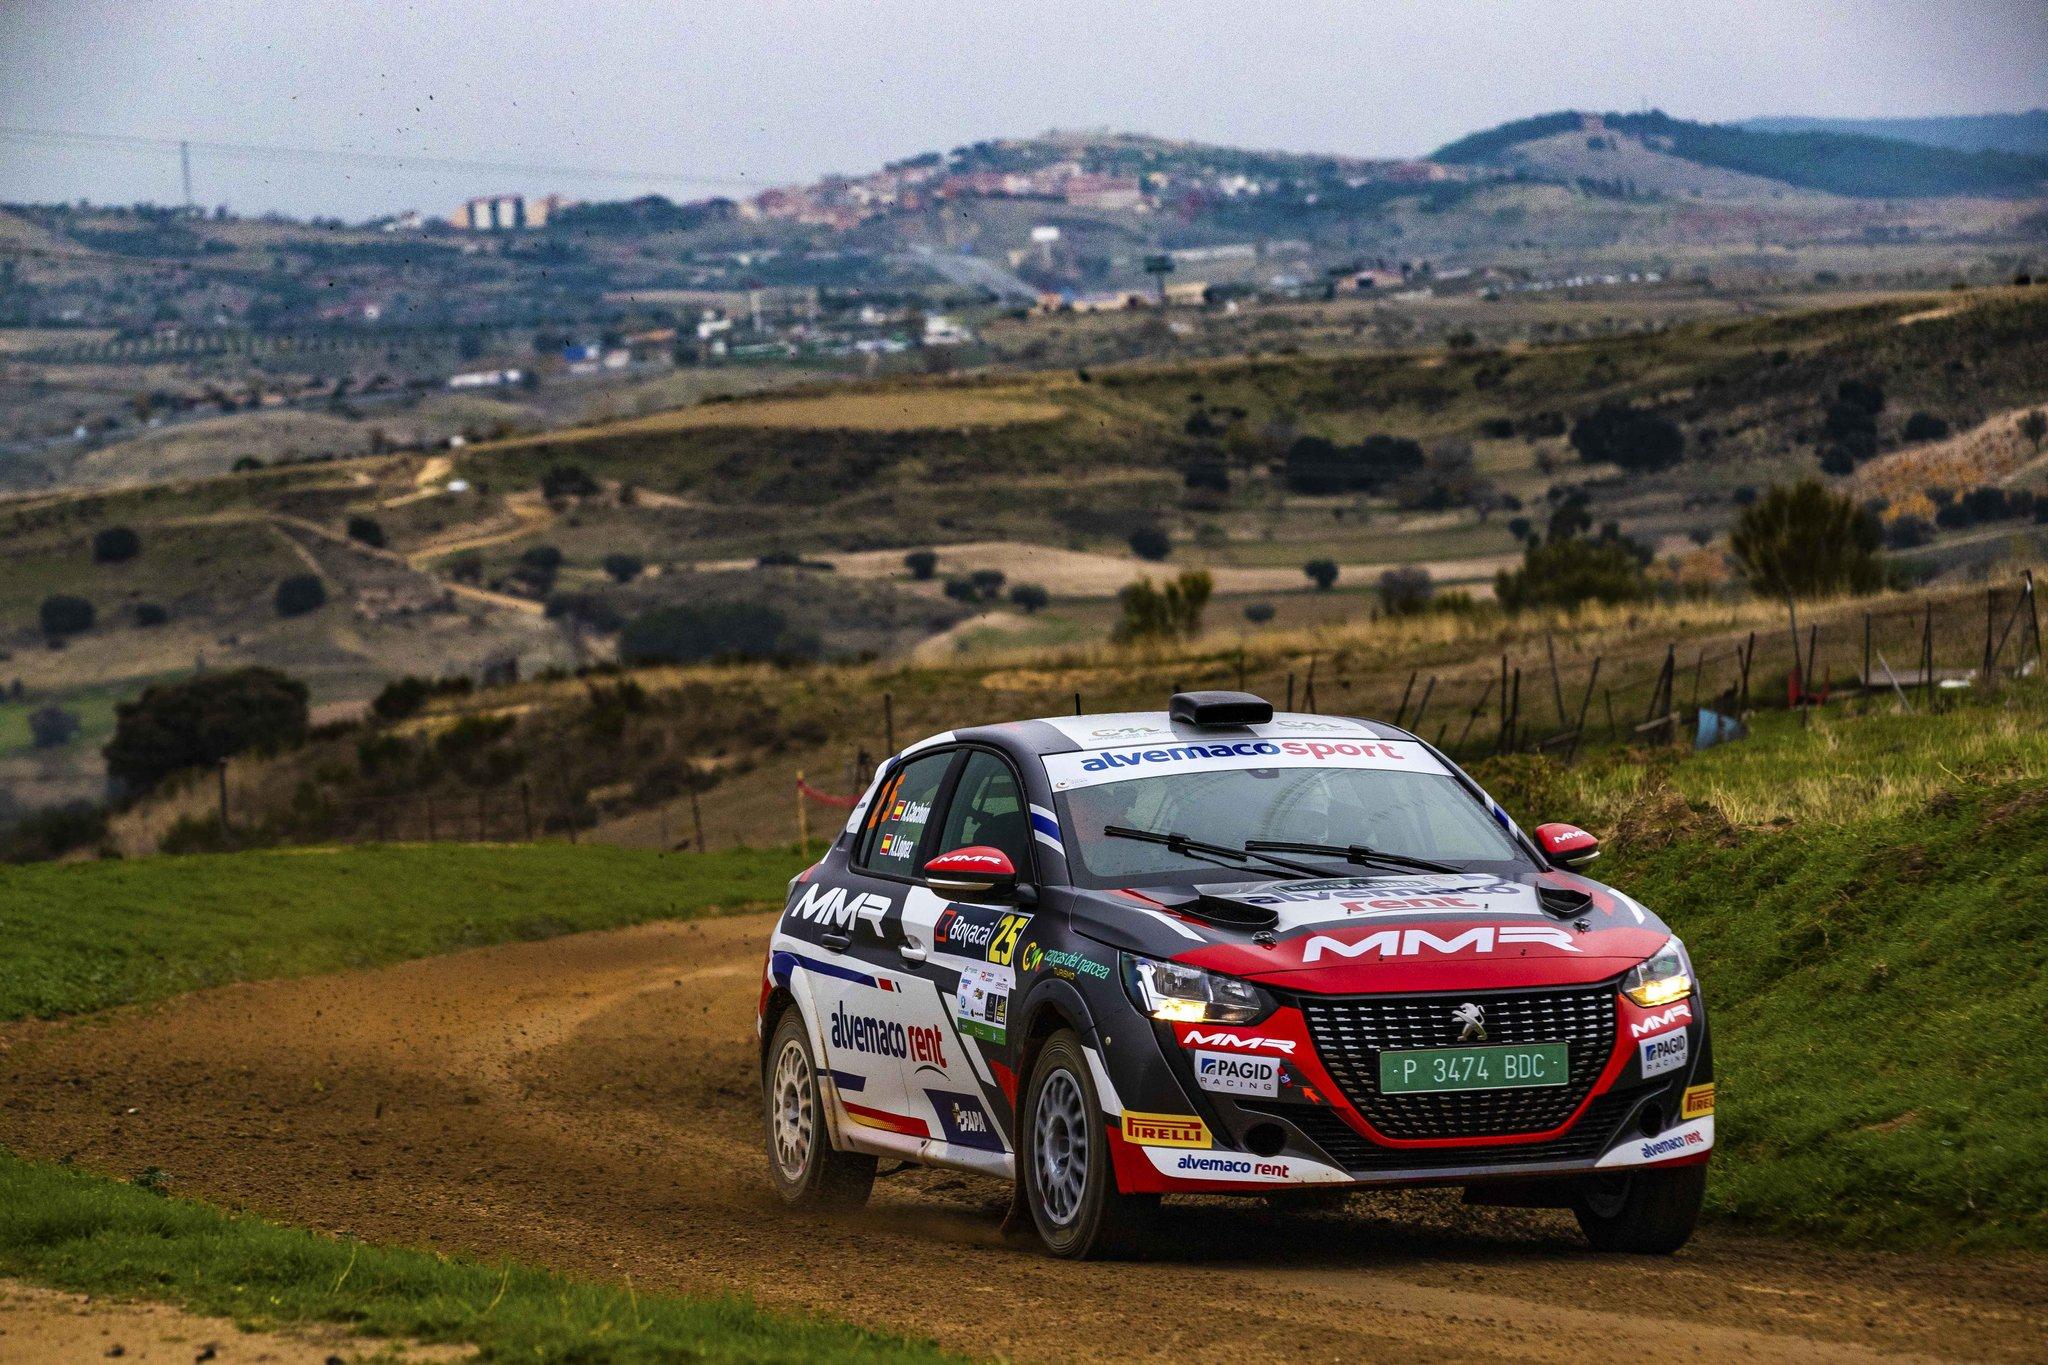 SCER + CERT: Rallye de Tierra de Madrid [13-14 Noviembre] - Página 4 EmzCYiQWEAAqqaI?format=jpg&name=large